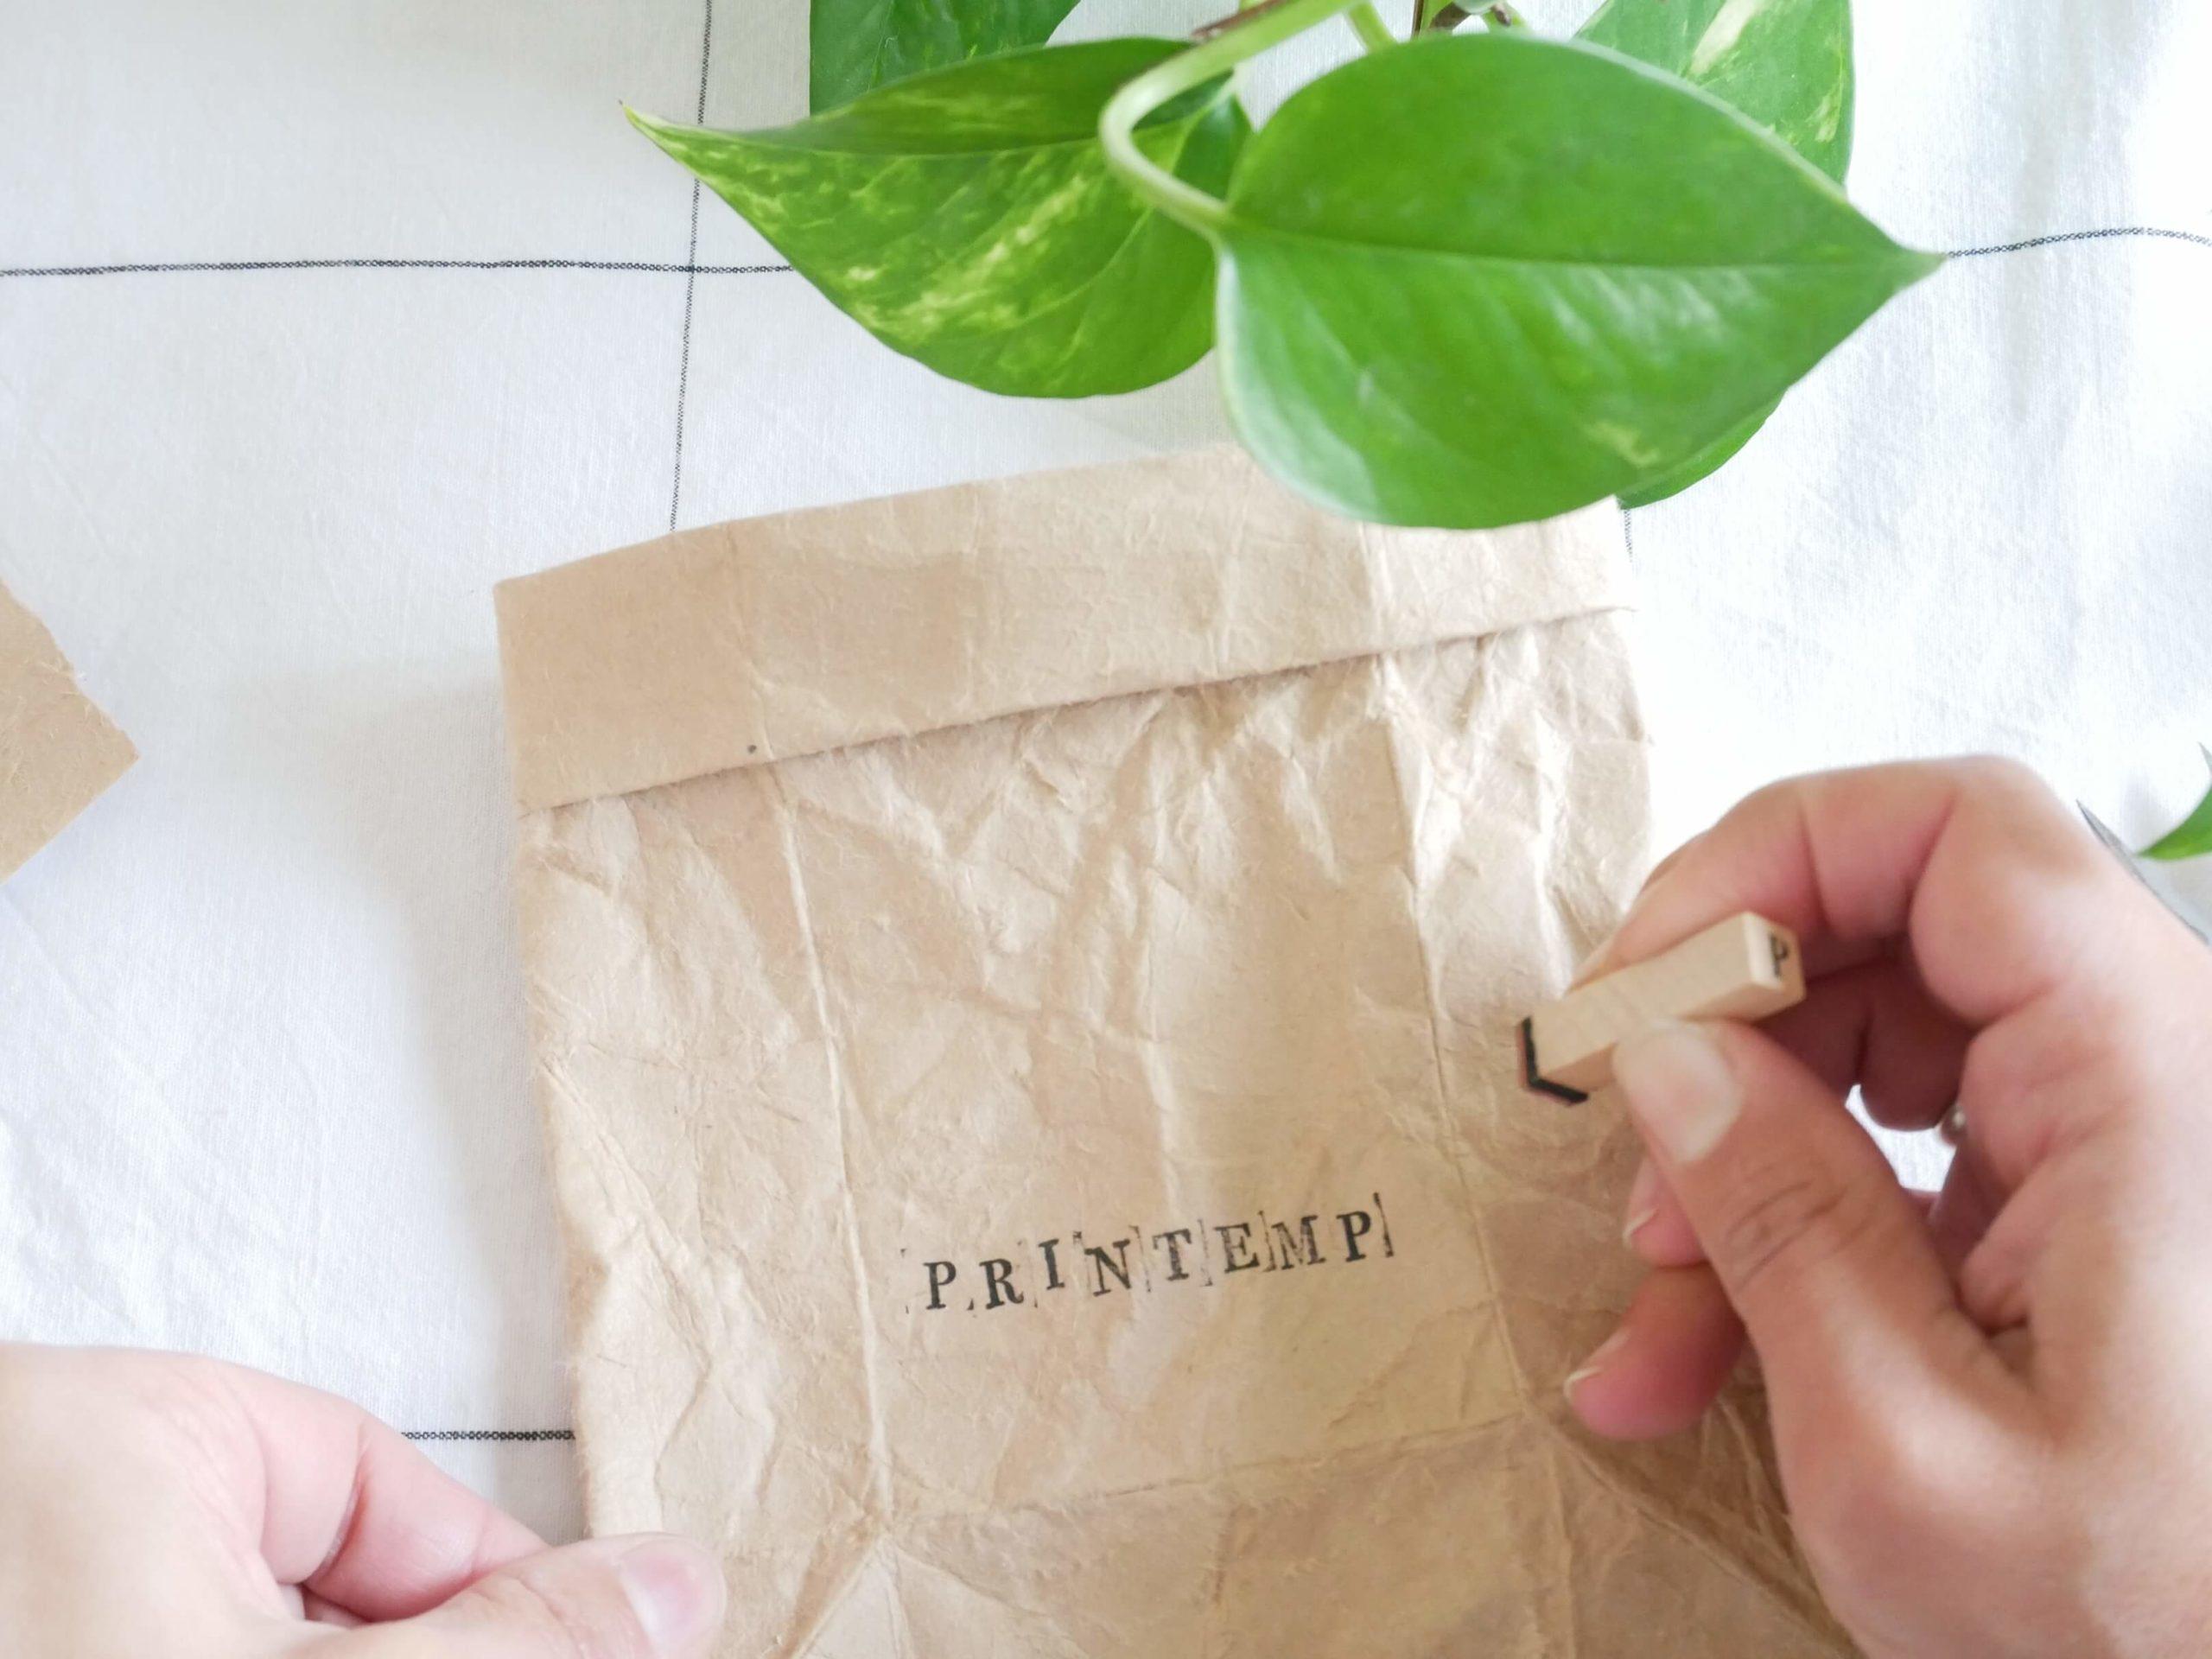 tutoriel-recyclage-vase-tampon5-lesateliersdangelique-auboulotcocotte